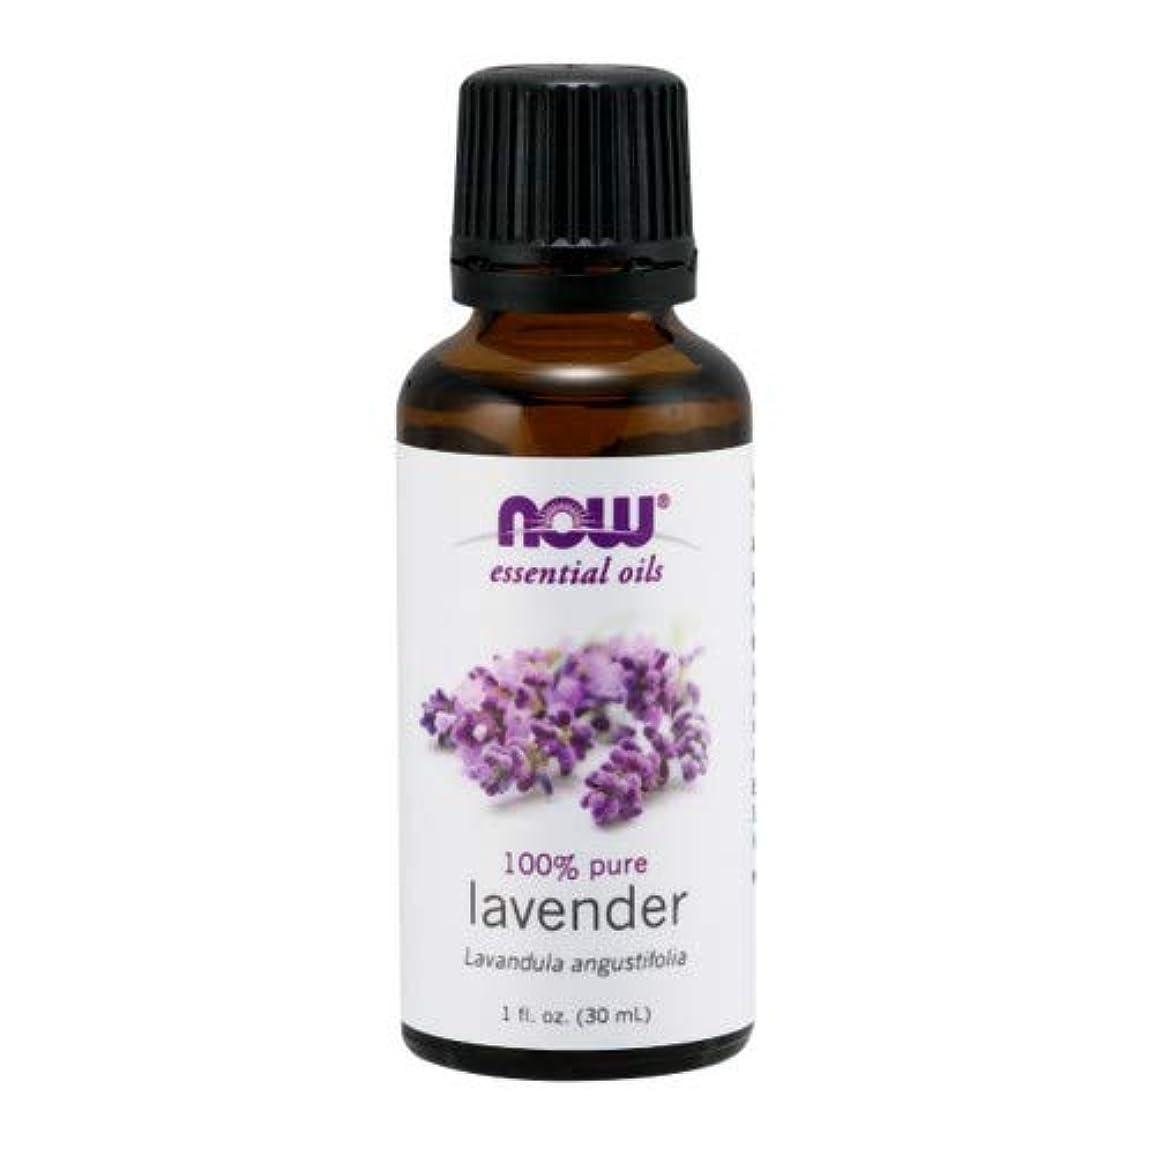 ゴミ箱を空にする邪魔するバリアエッセンシャルオイル ラベンダーオイル 30ml 2個セット ナウフーズ 並行輸入品 NOW Foods Essential Oils Lavender 1 oz Pack of 2